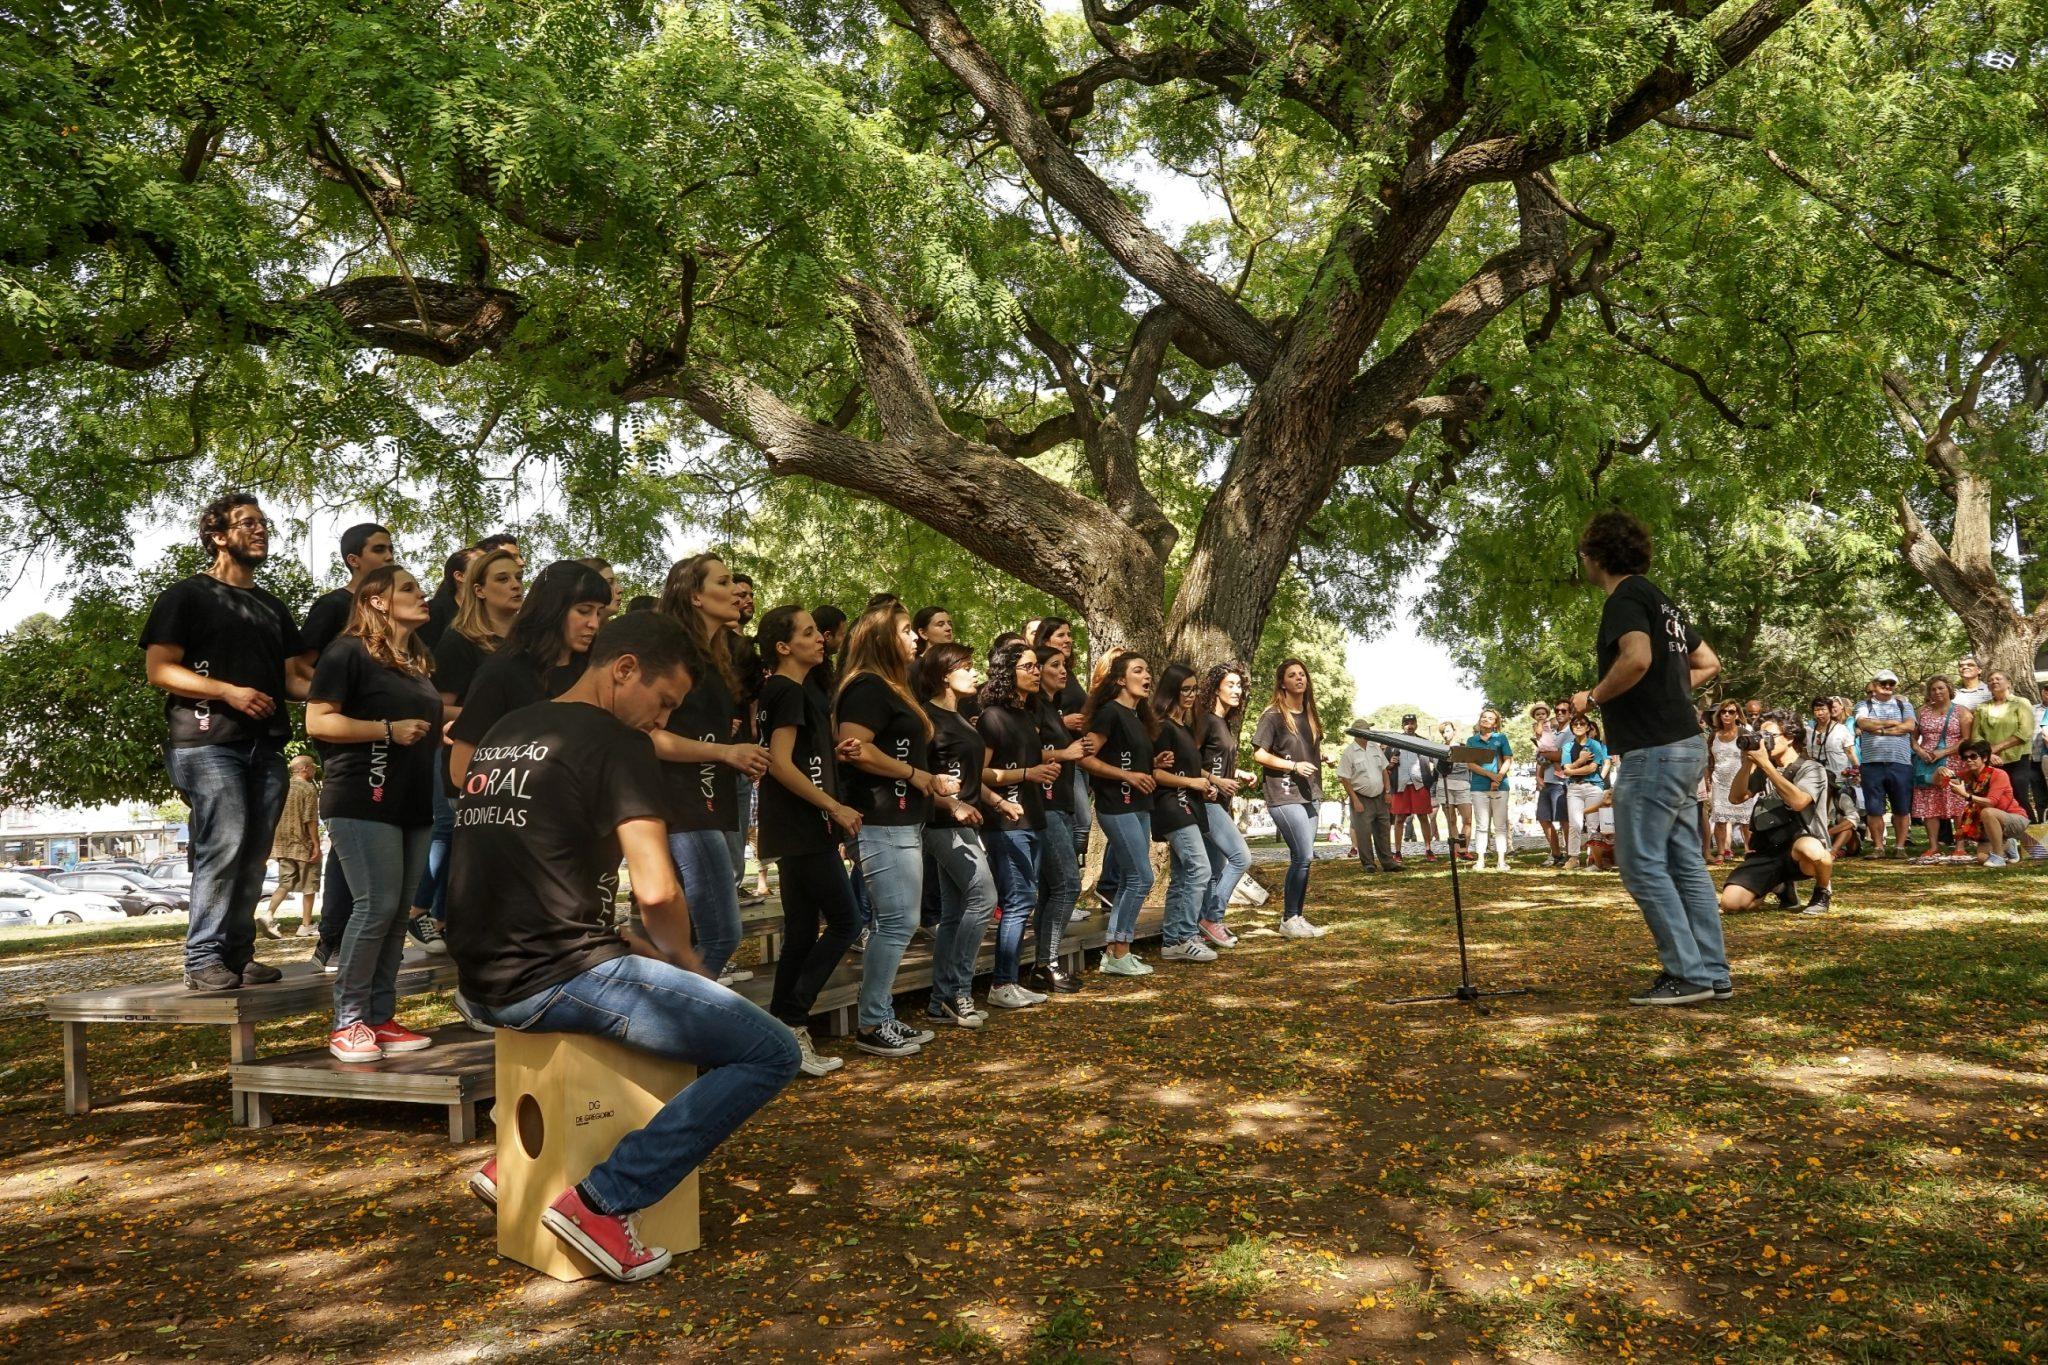 Num jardim, sob uma árvore, um grupo de jovens com t-shirts pretas canta. À sua frente, o maestro com um cavalete. À direita, um homem toca percussão. Ao fundo é visível o público que assiste à atuação.